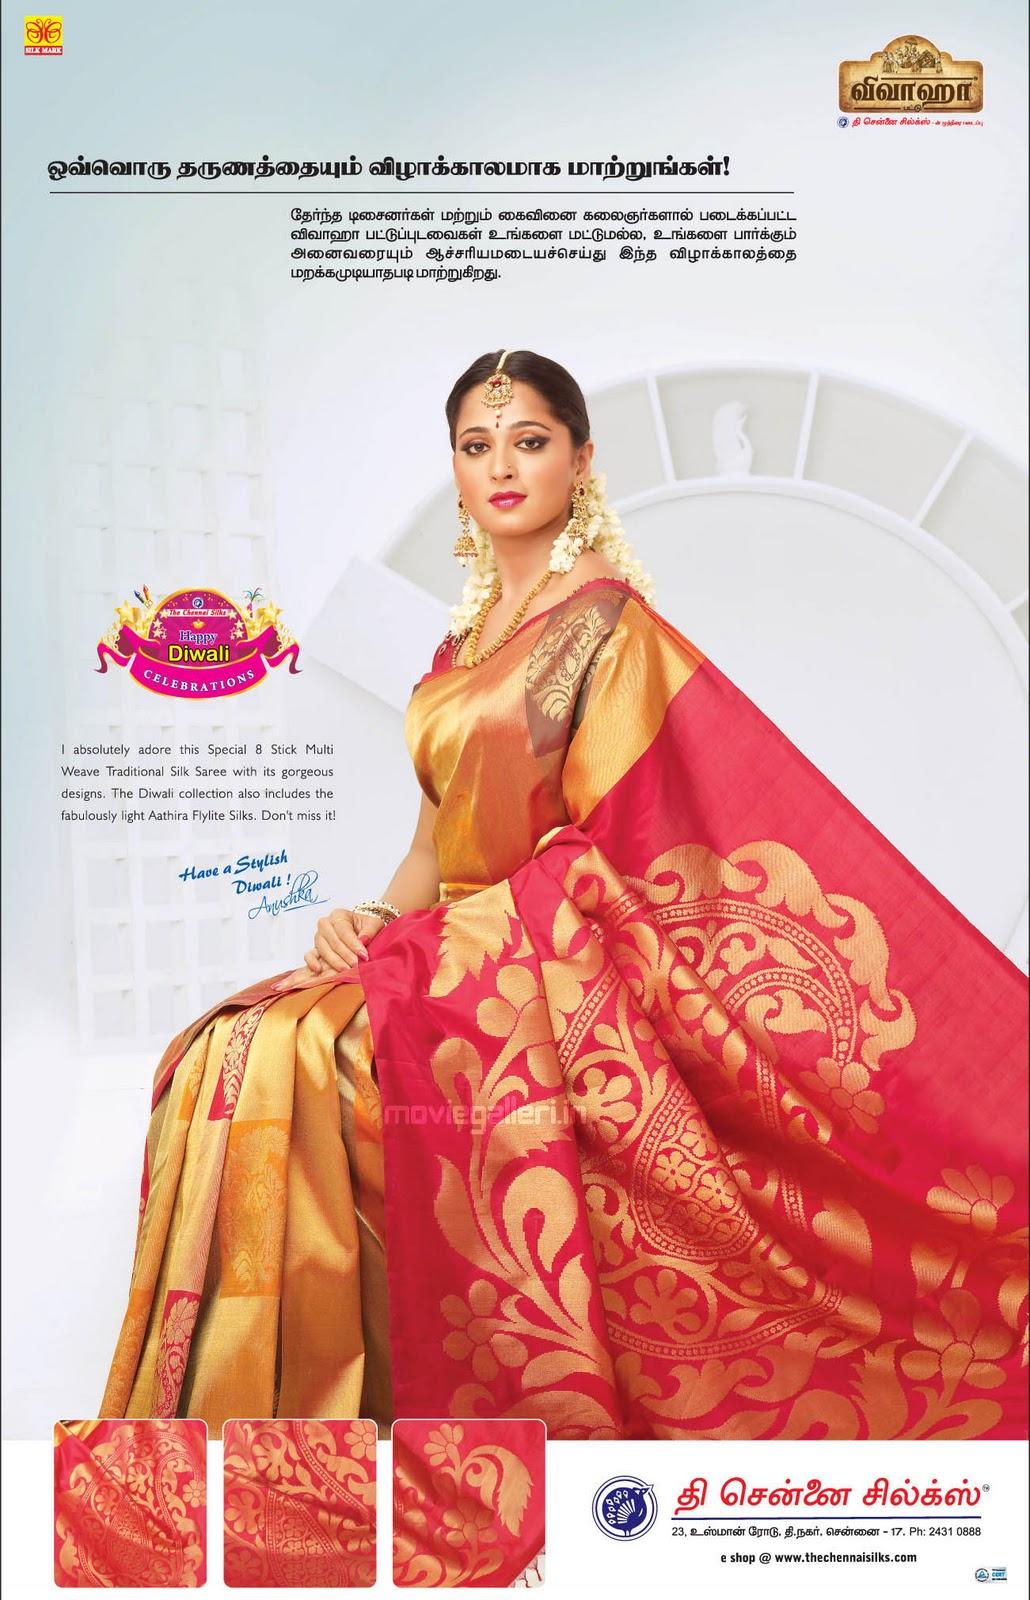 Anushka @ Chennai Silks Diwali Vivaha Advertisement ...